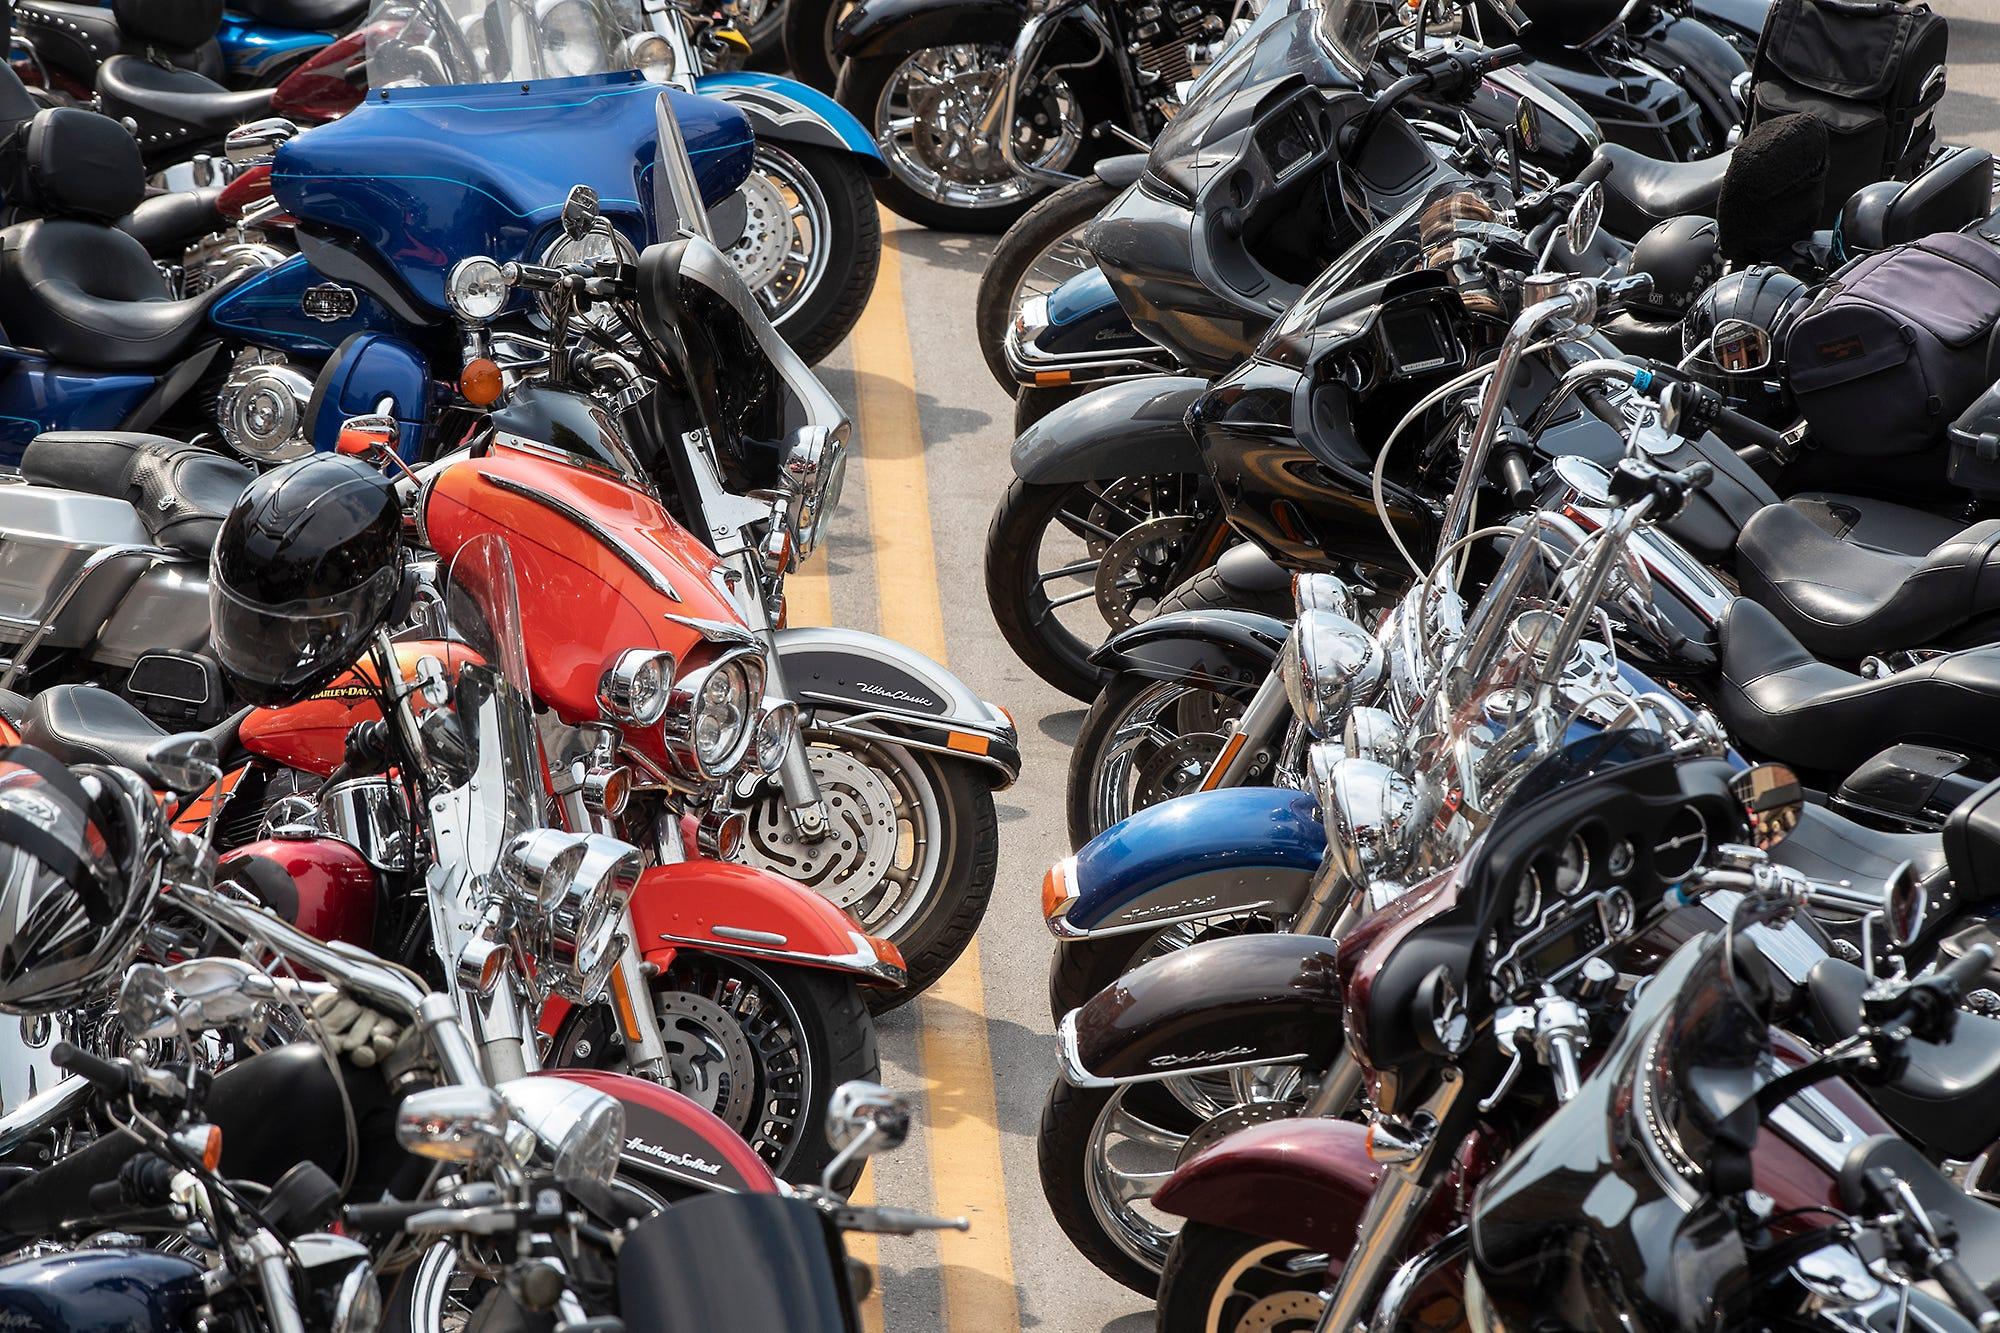 Смотреть секс в гараже на мотоцикле